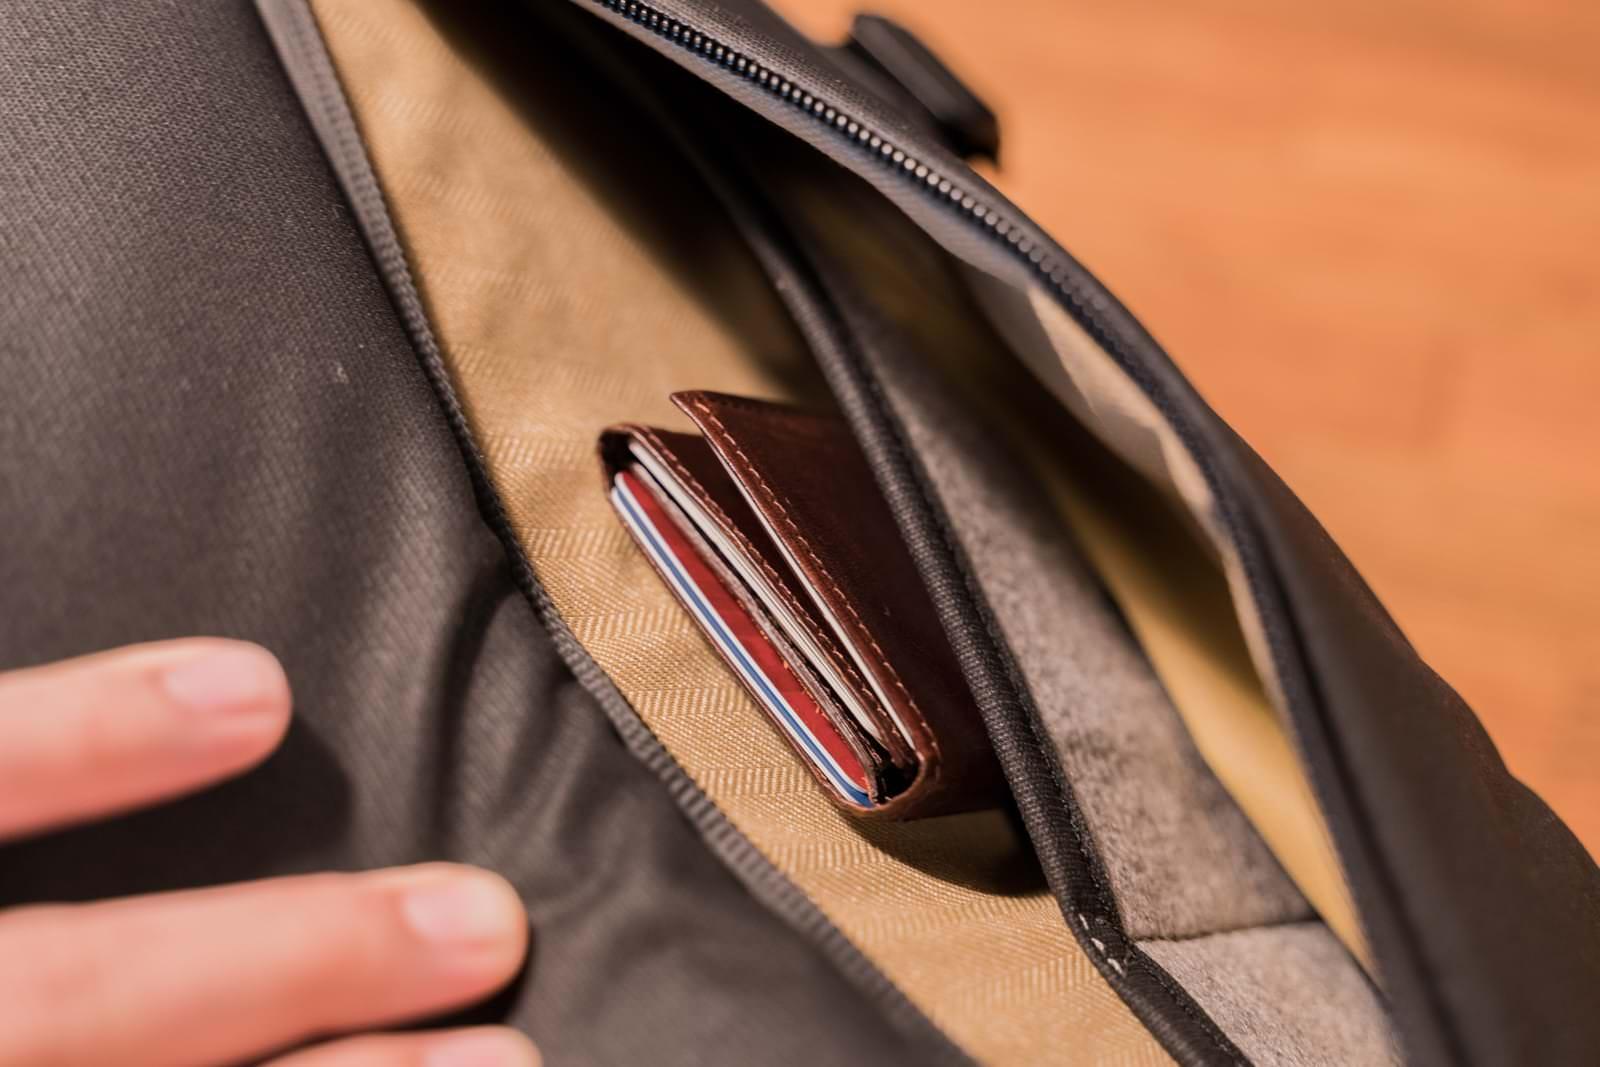 外側ポケットはマネークリップ程度なら入る